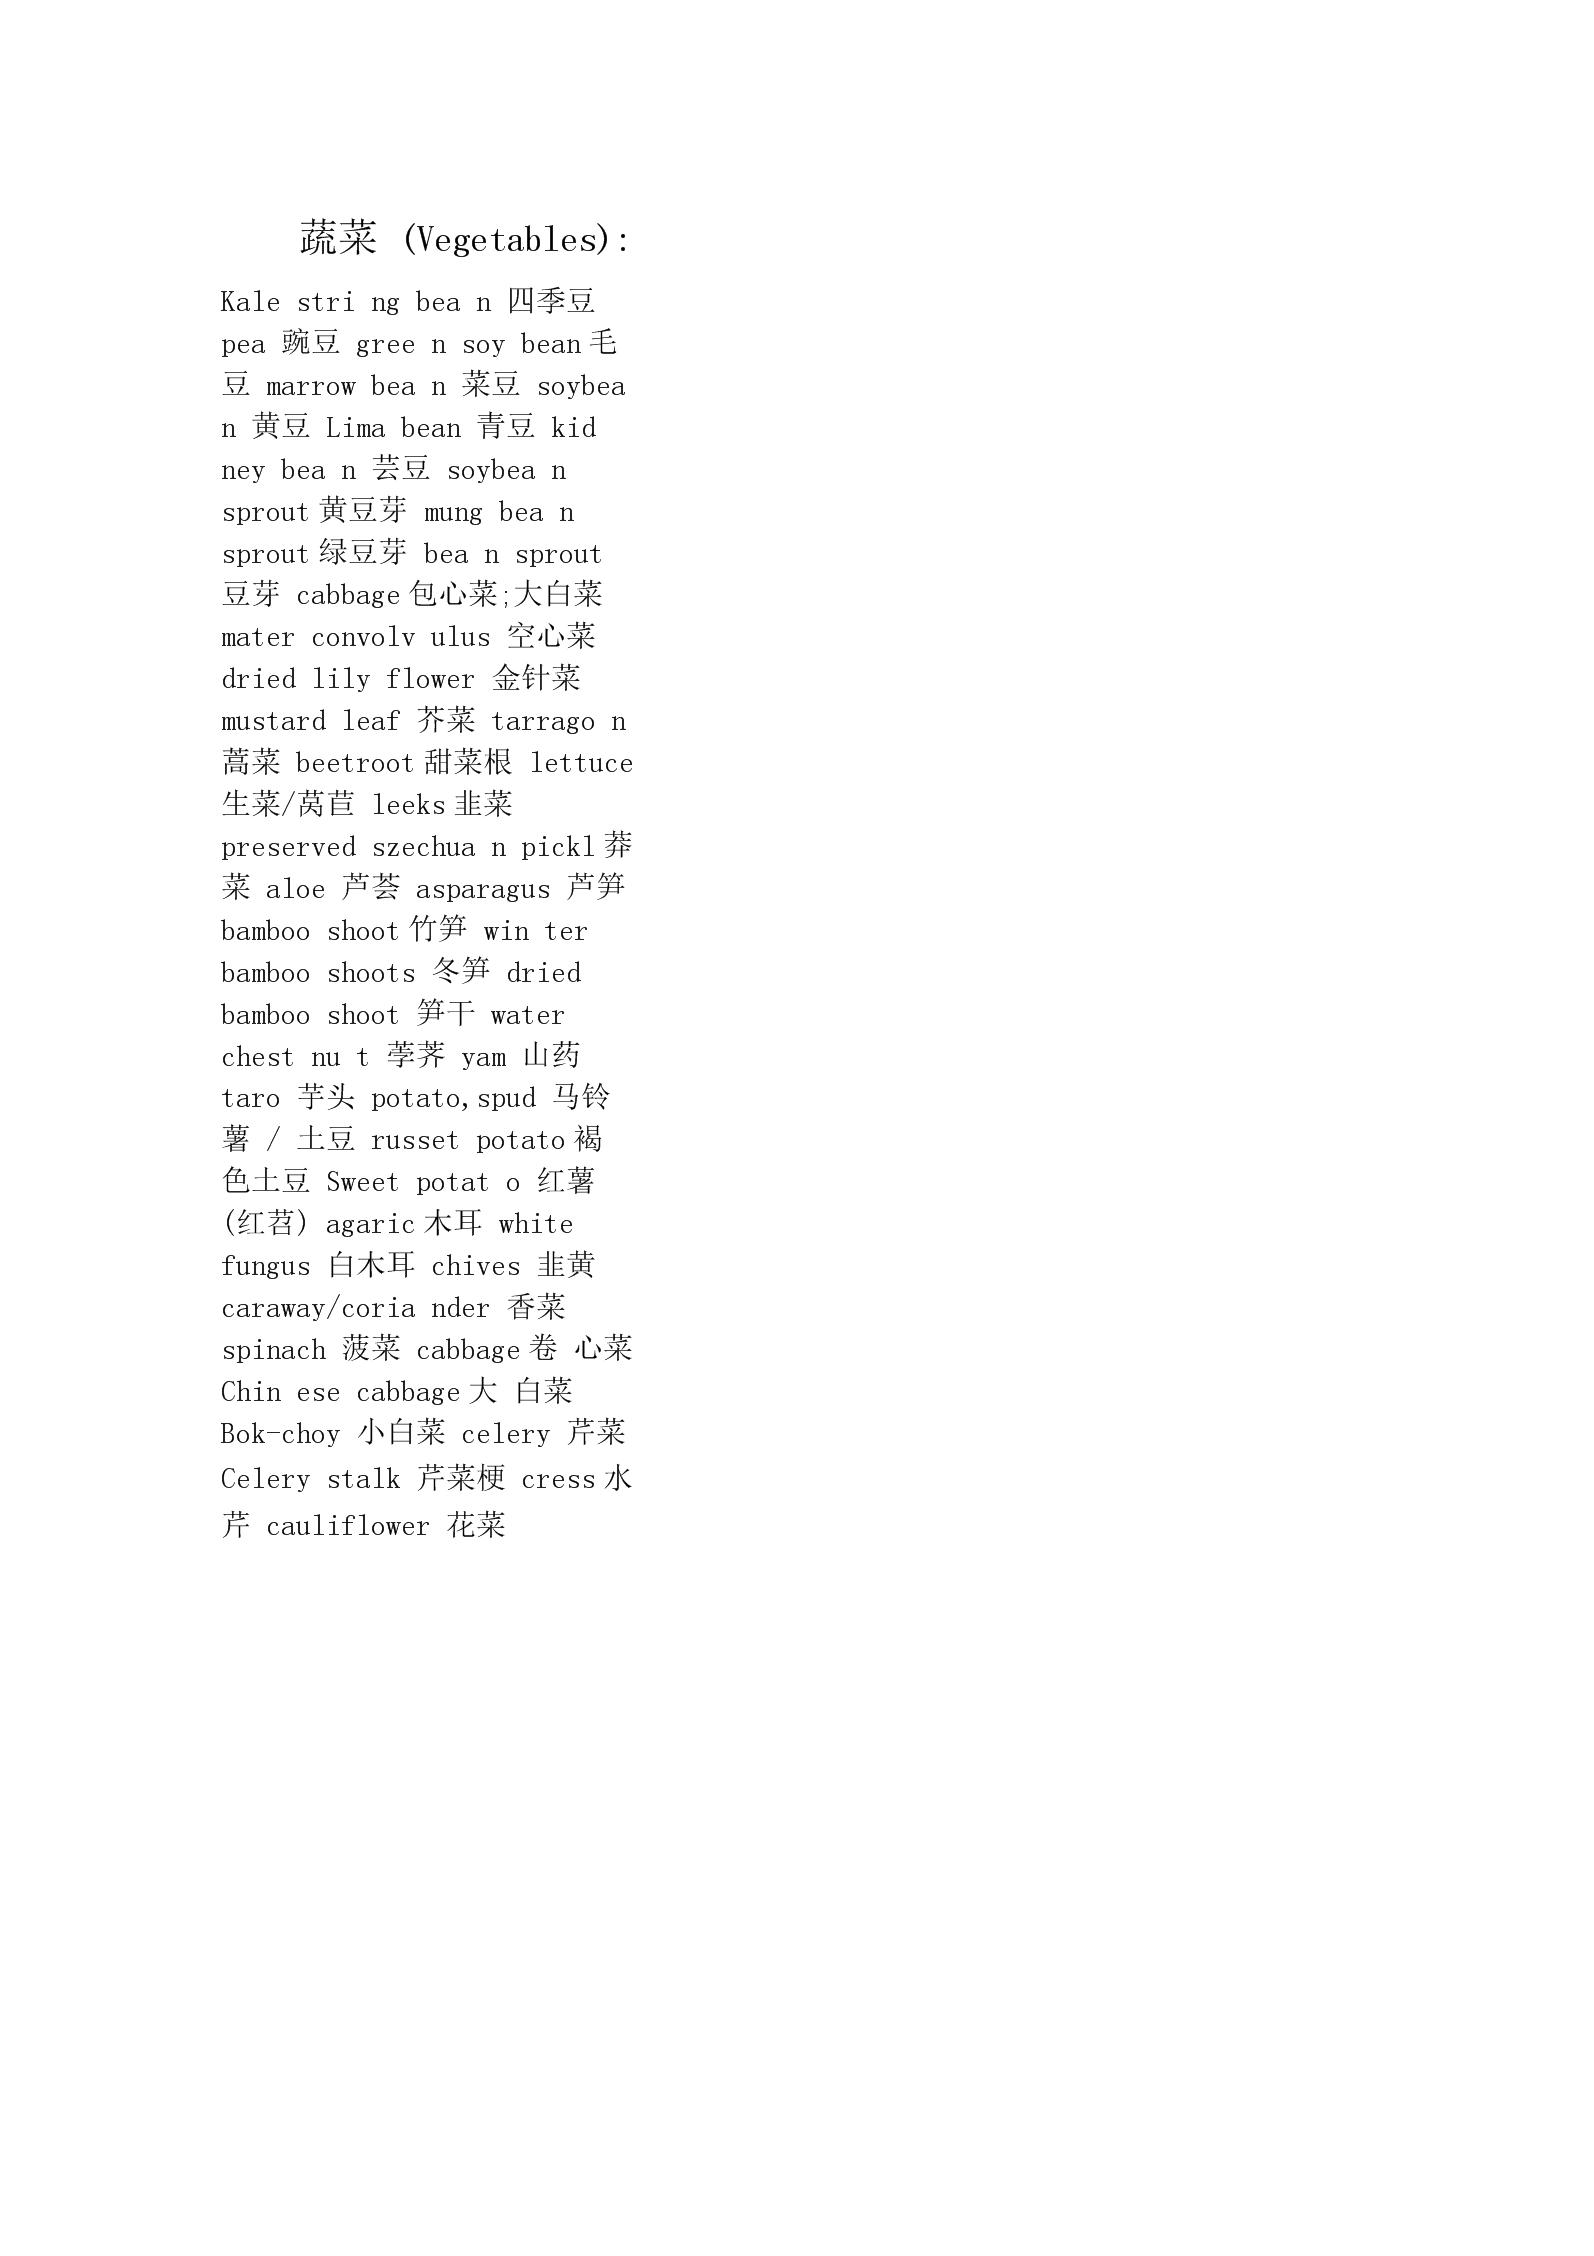 中英文對照表-蔬菜類.docx